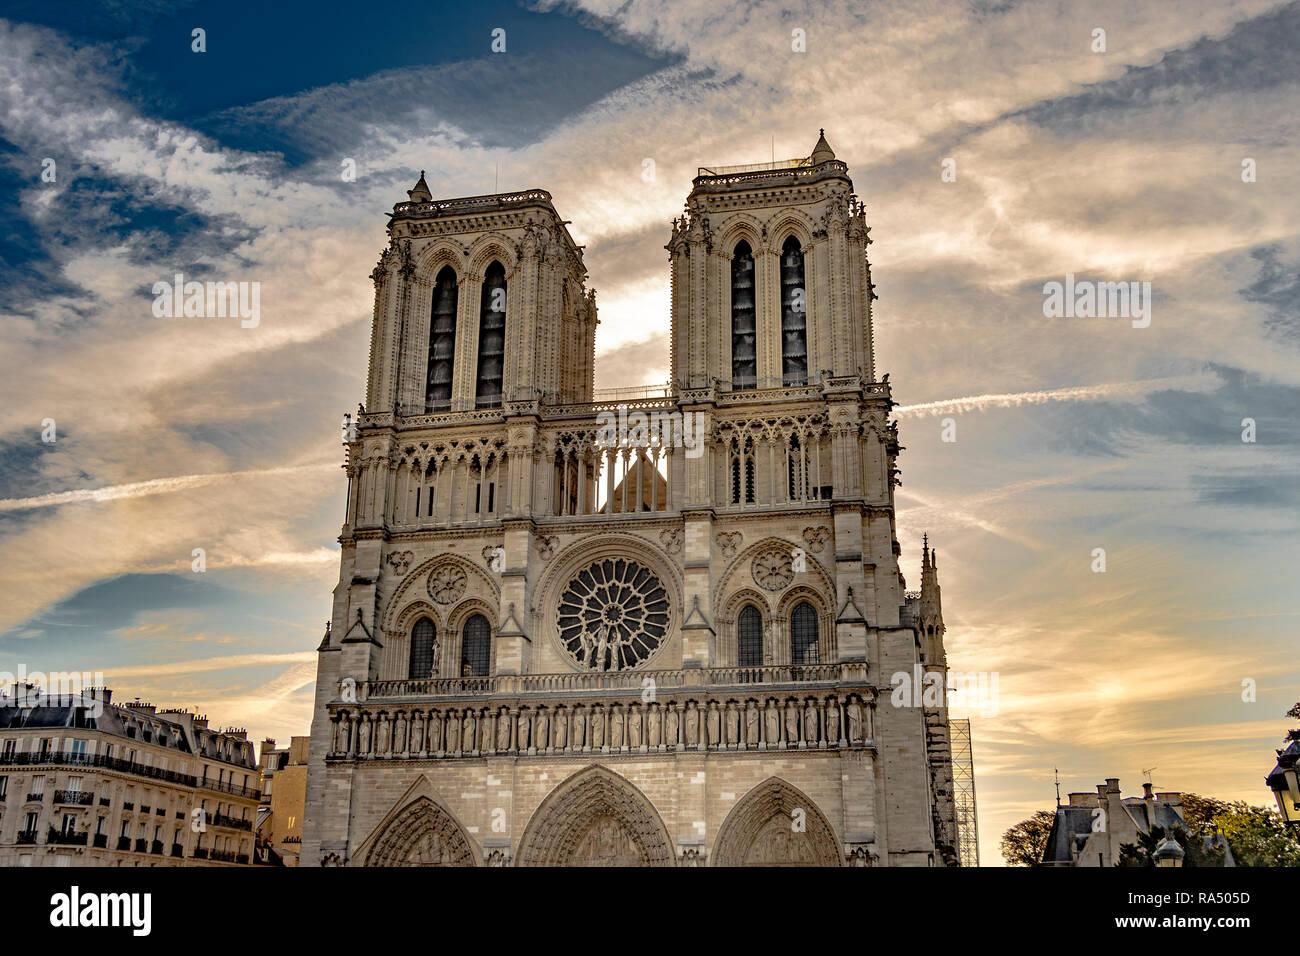 The interior of Notre-Dame de Paris also known as Notre Dame Cathedral a medieval Catholic cathedral on the Île de la Cité - Stock Image